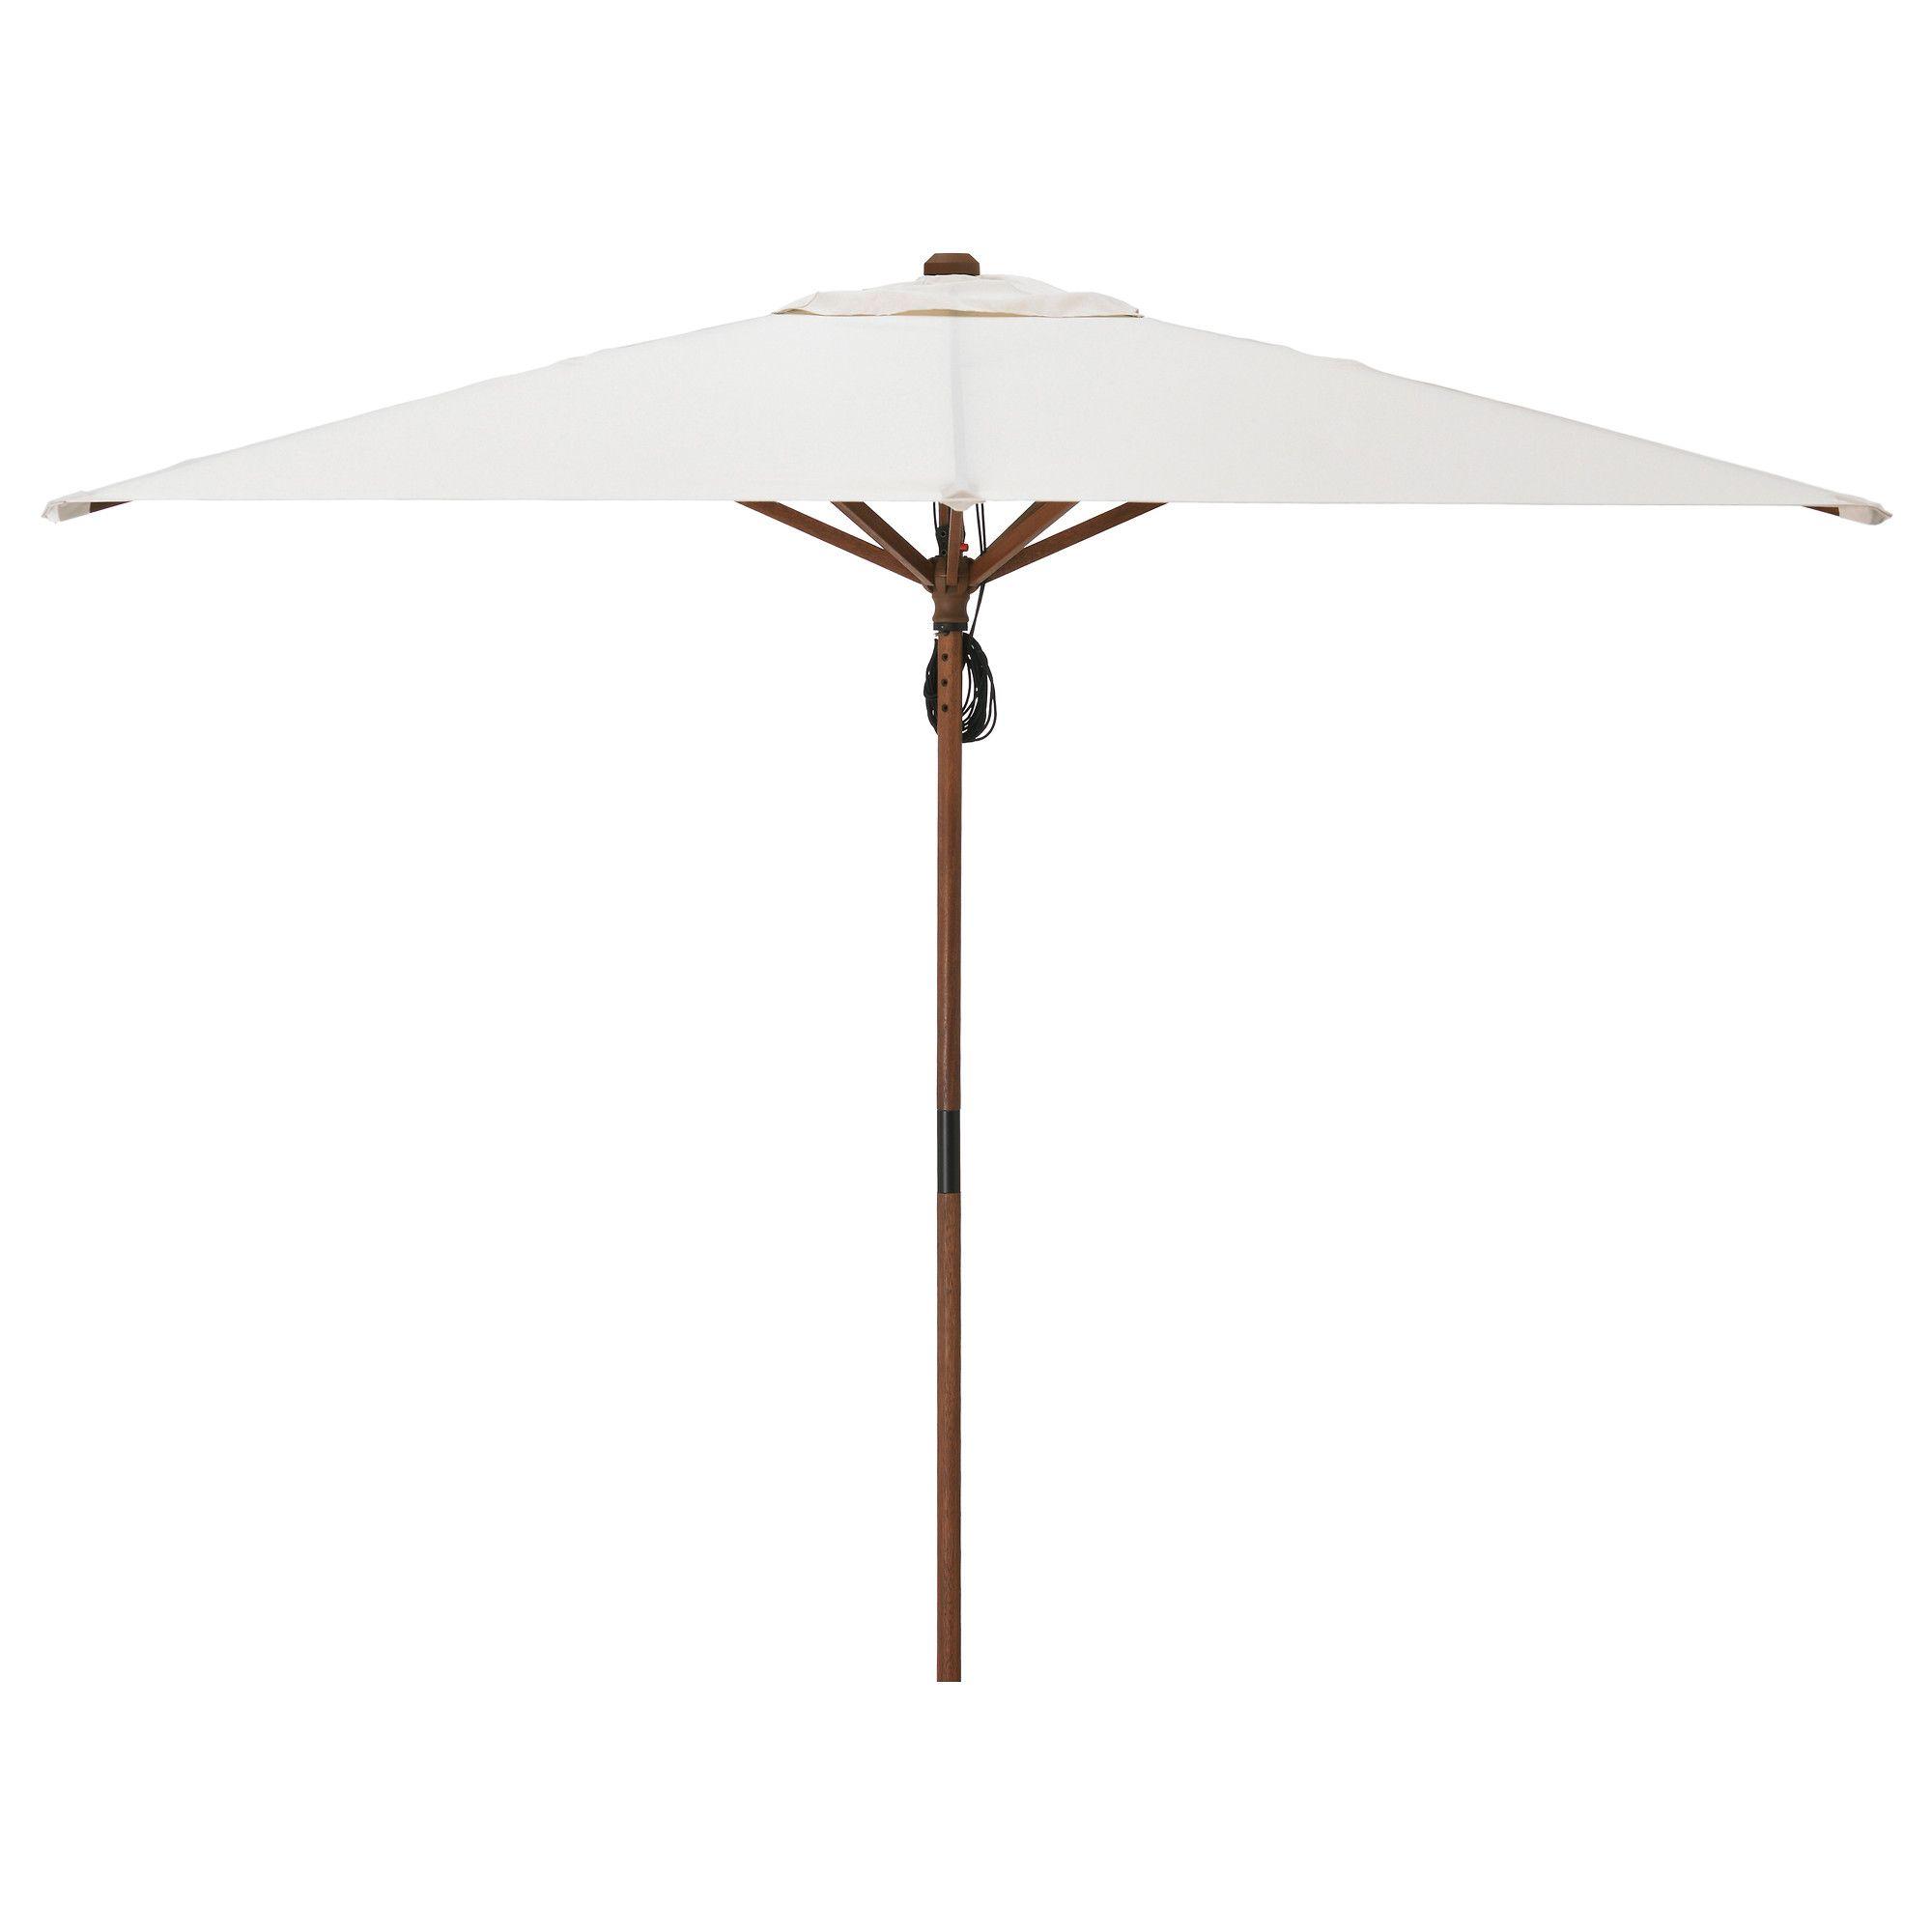 $99.00 LÅNGHOLMEN Umbrella   IKEA Dimensions: 118 1/8x98 ...